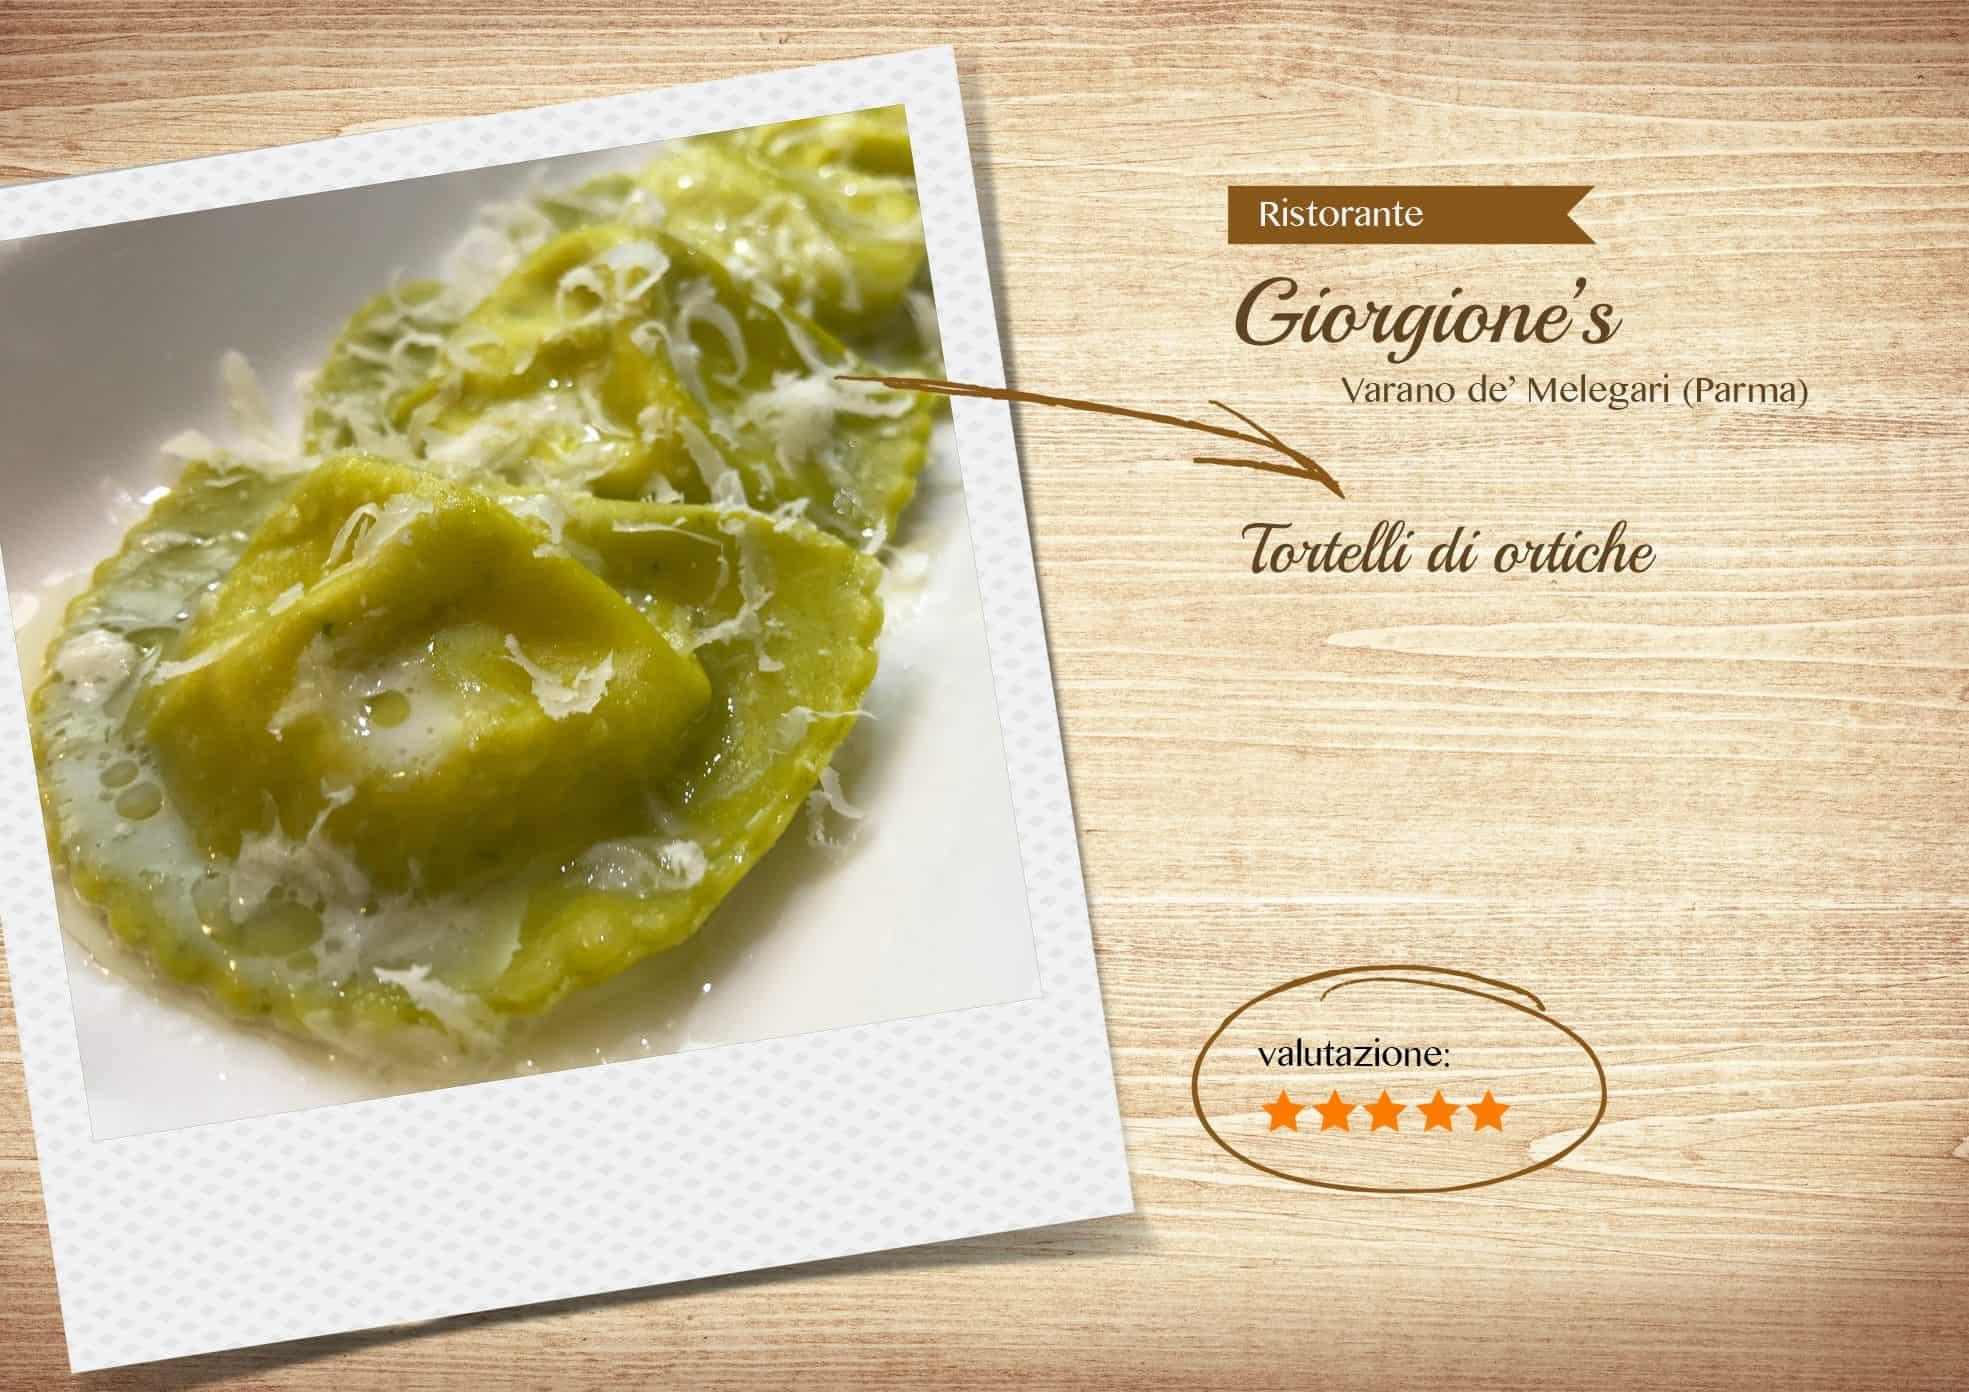 Ristorante Giorgione's - Parma